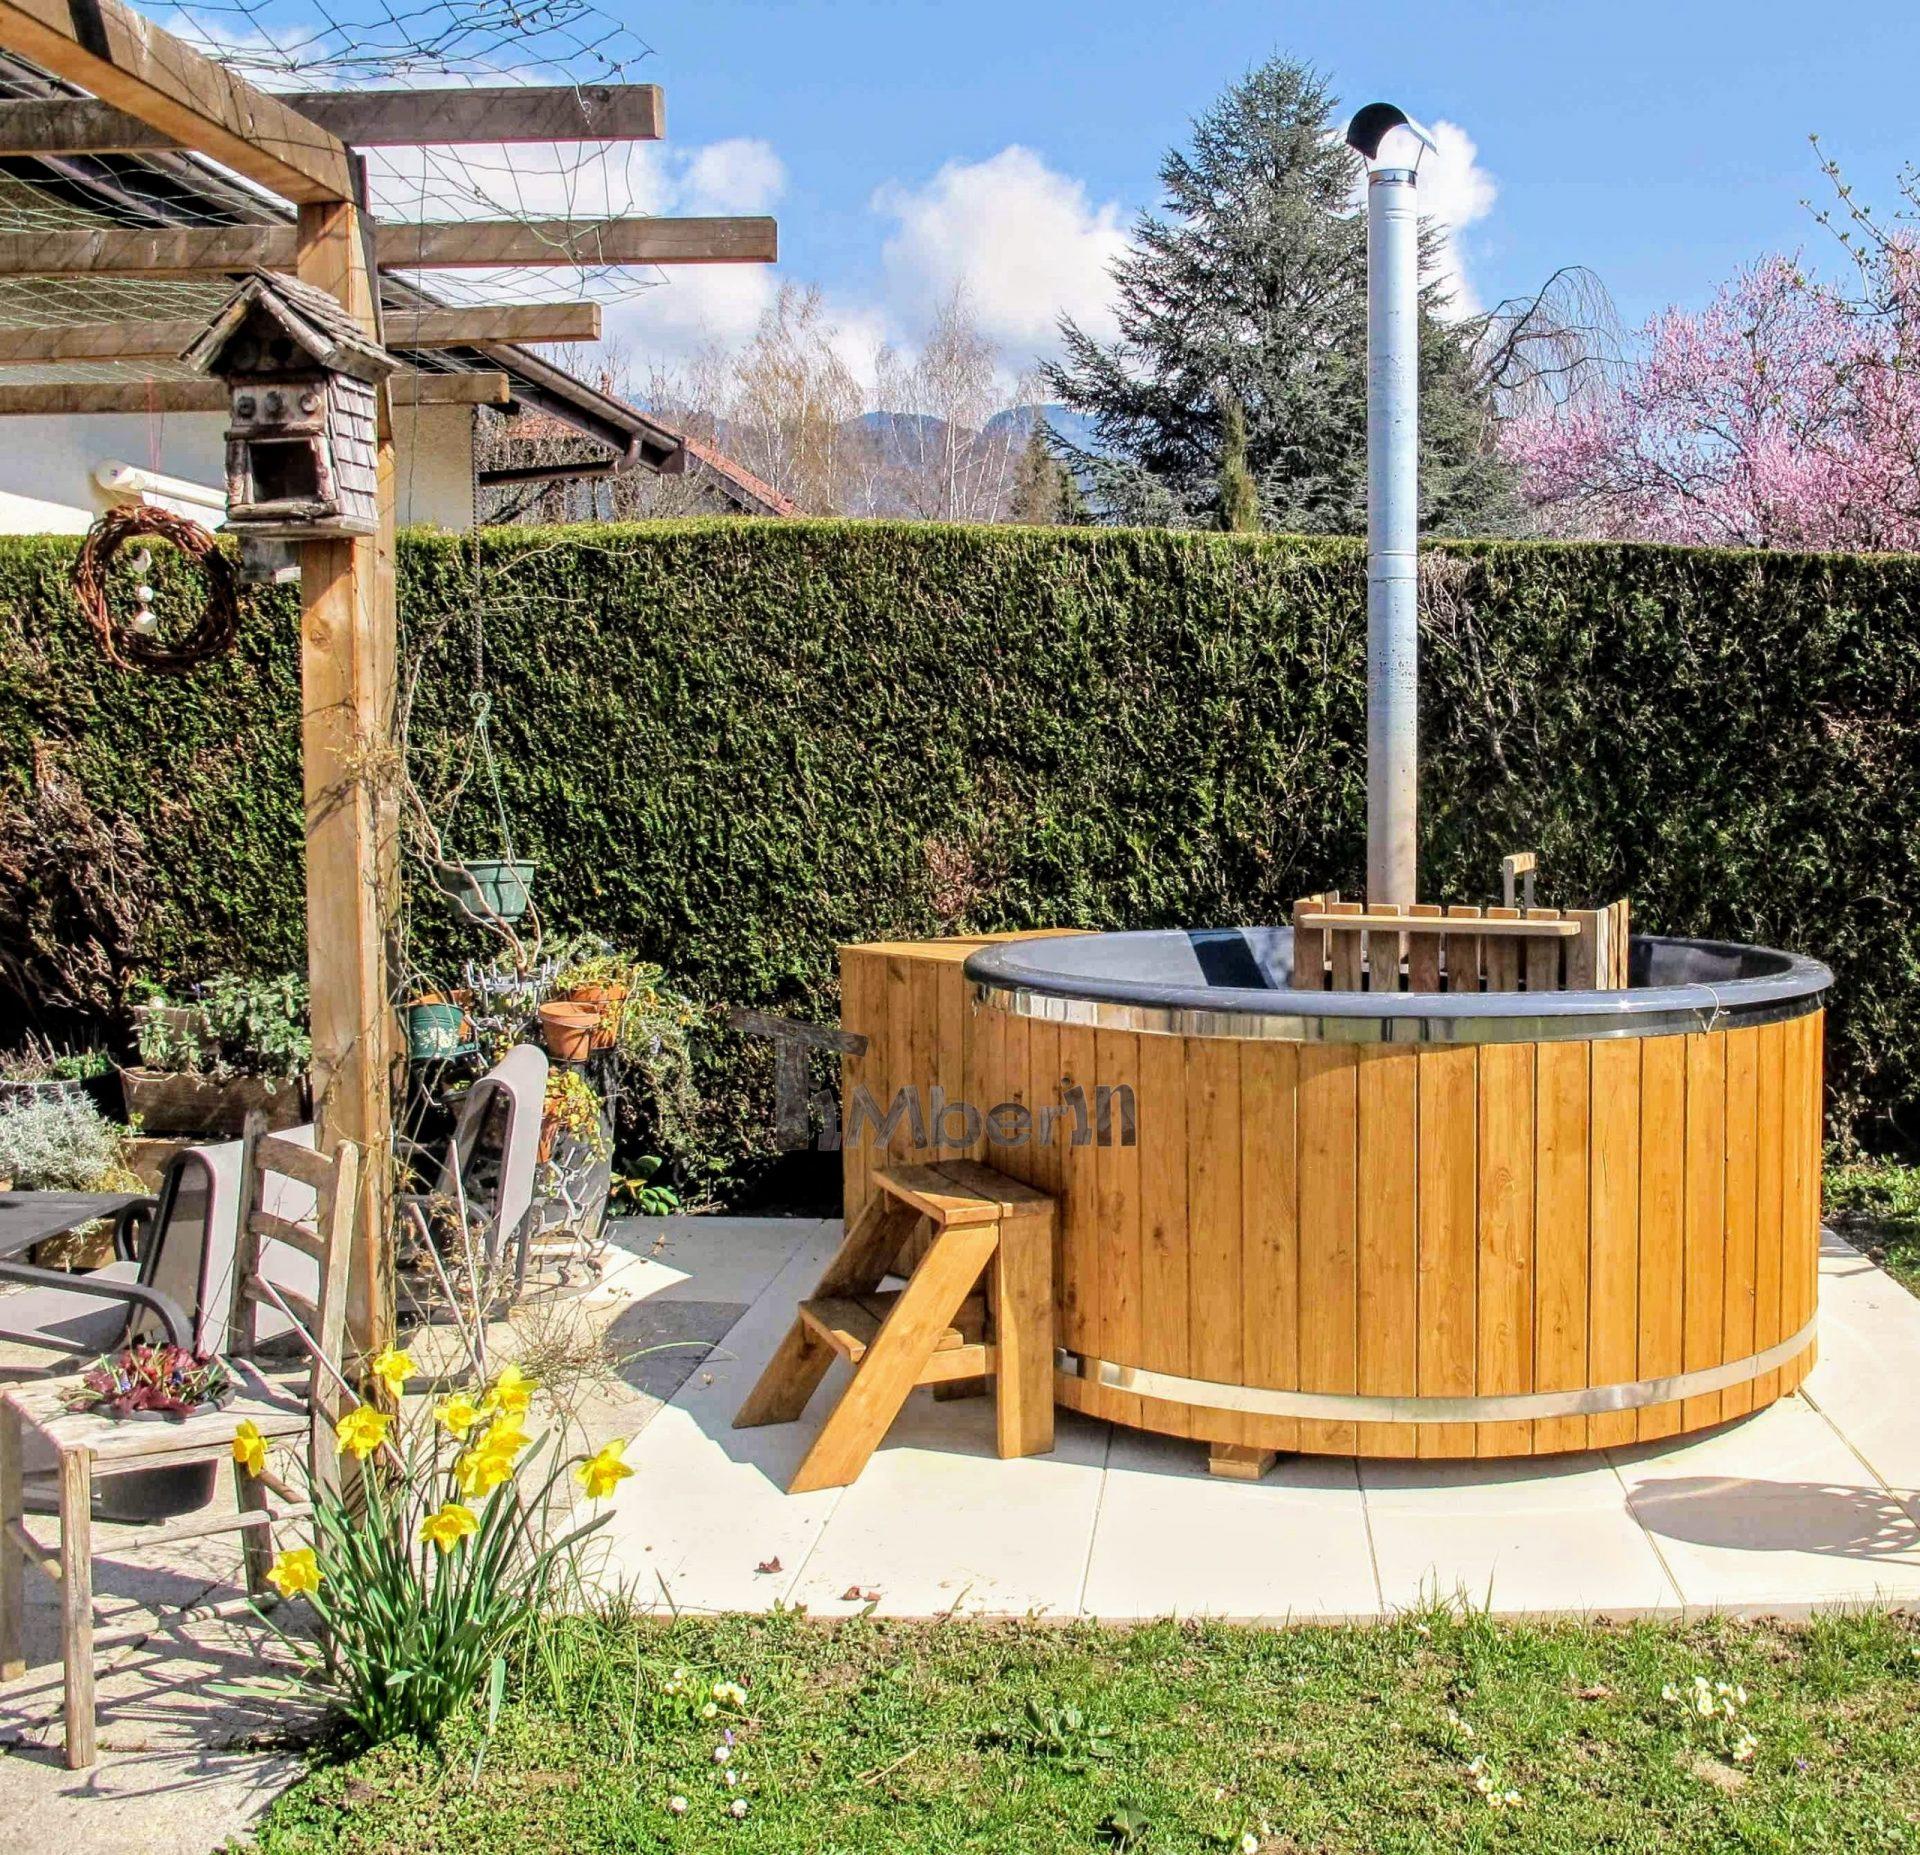 Holz Whirlpool für draußen Holzheizung 3 scaled